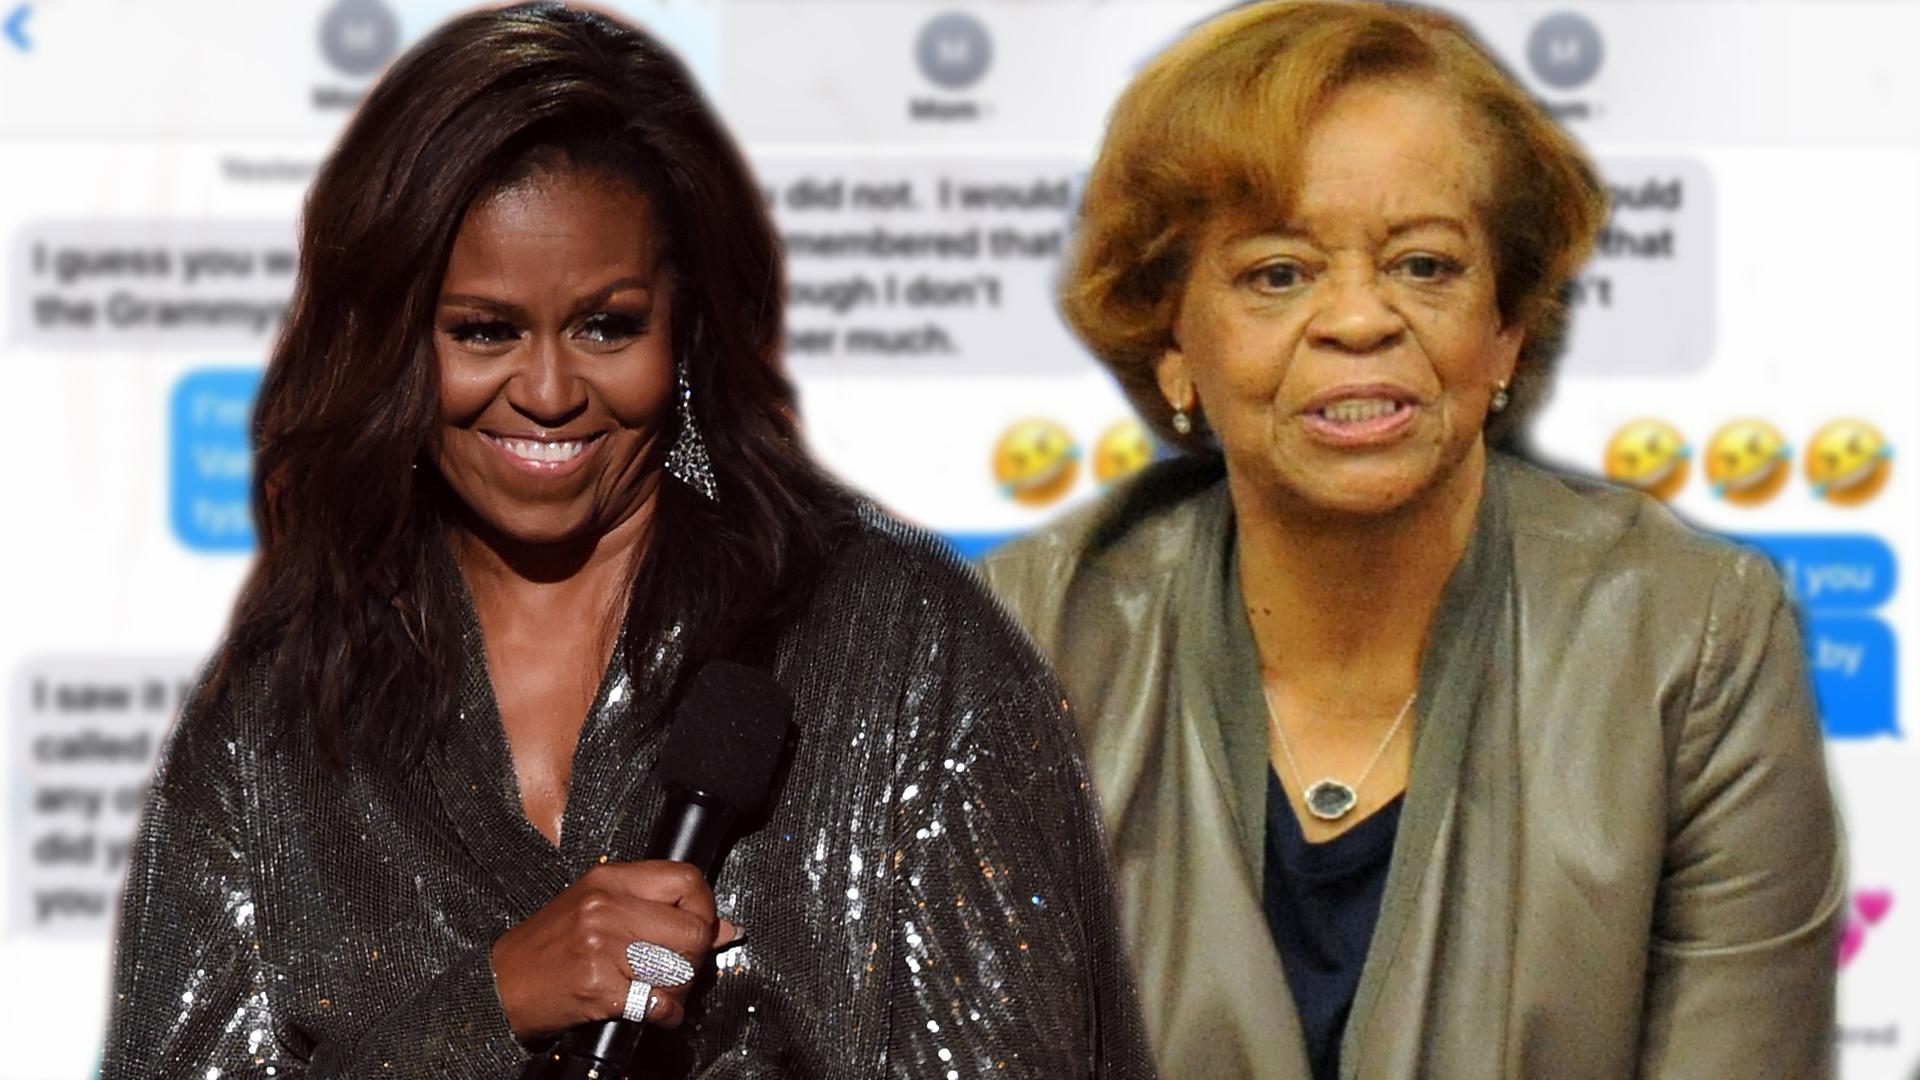 Te vas a reír con el simpático chat entre Michelle Obama y su mamá sobre la aparición que tuvo en los GRAMMY